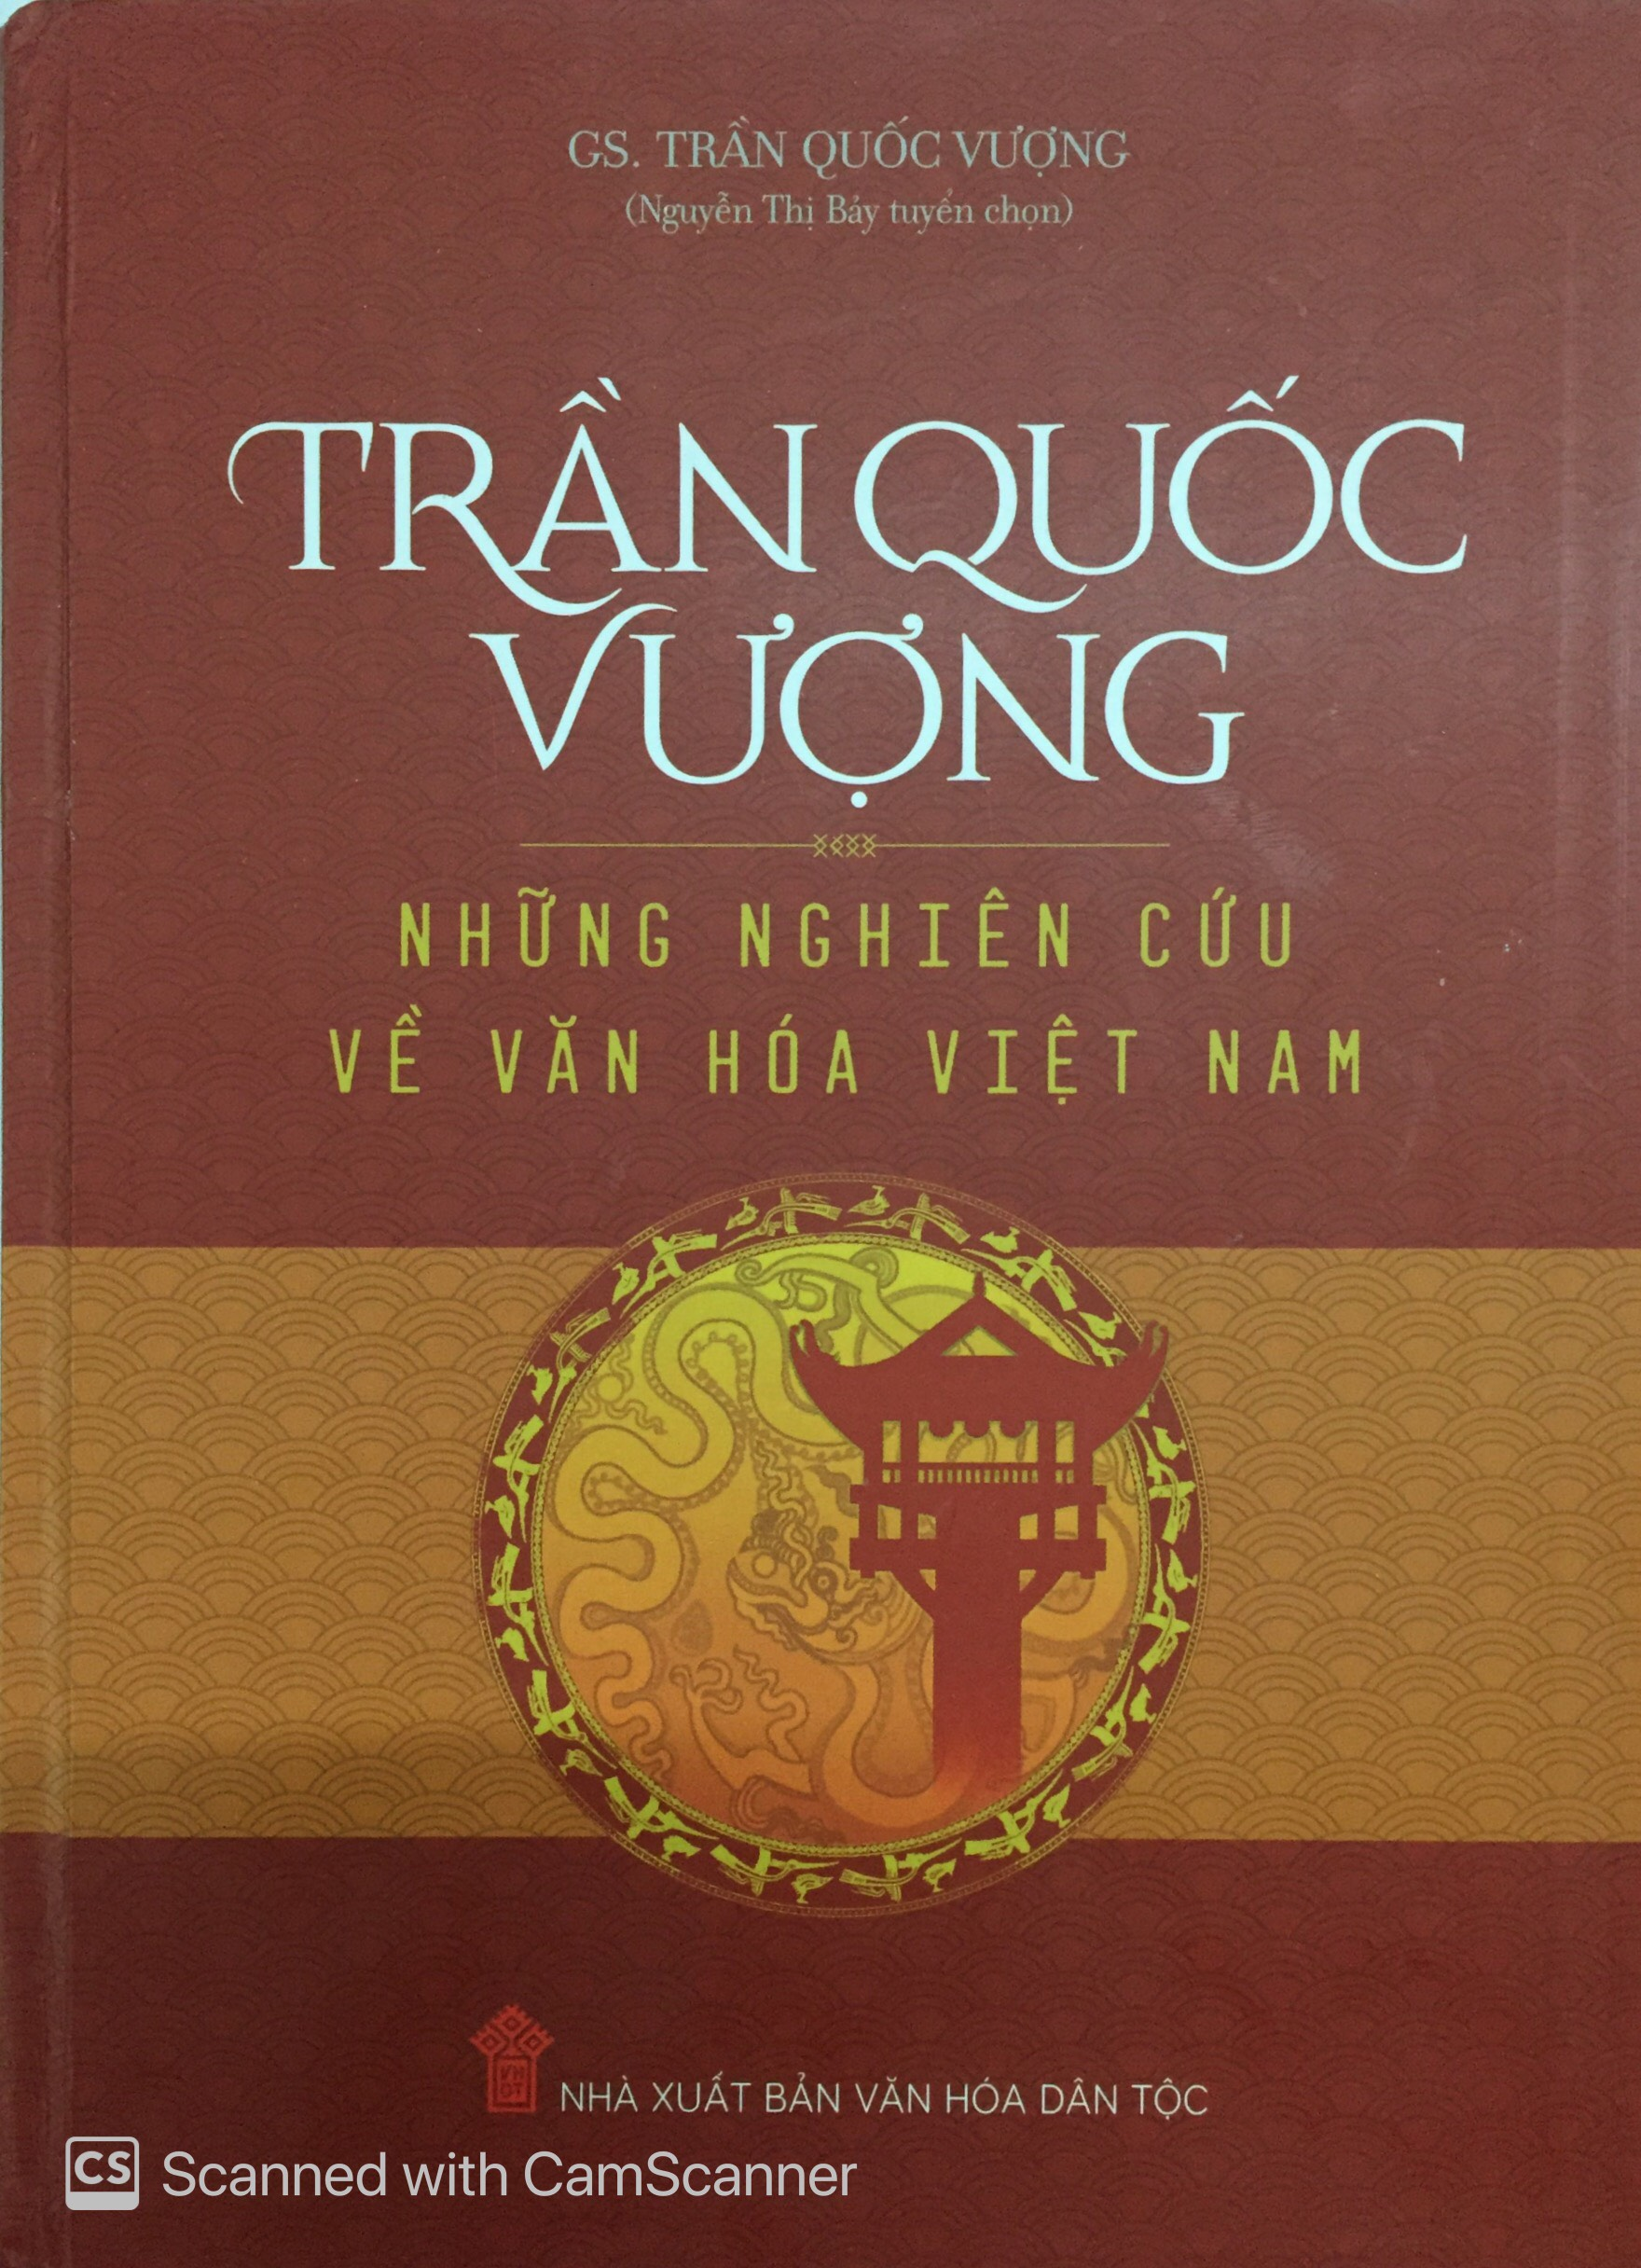 TRẦN QUỐC VƯỢNG – những nghiên cứu về văn hóa Việt Nam